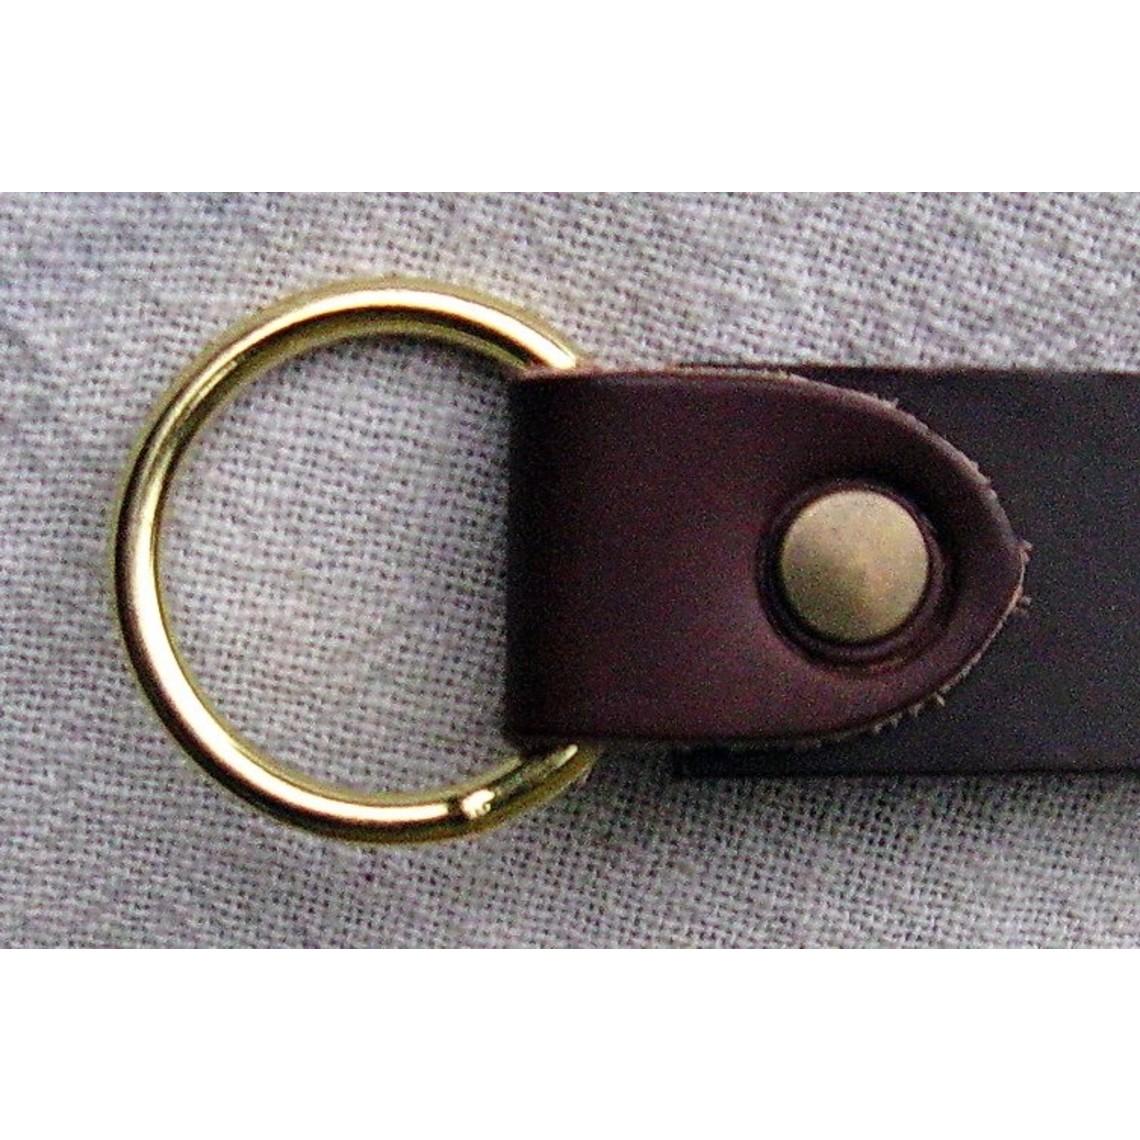 Leren riem met ringsluiting 4cm, zwart splitleer